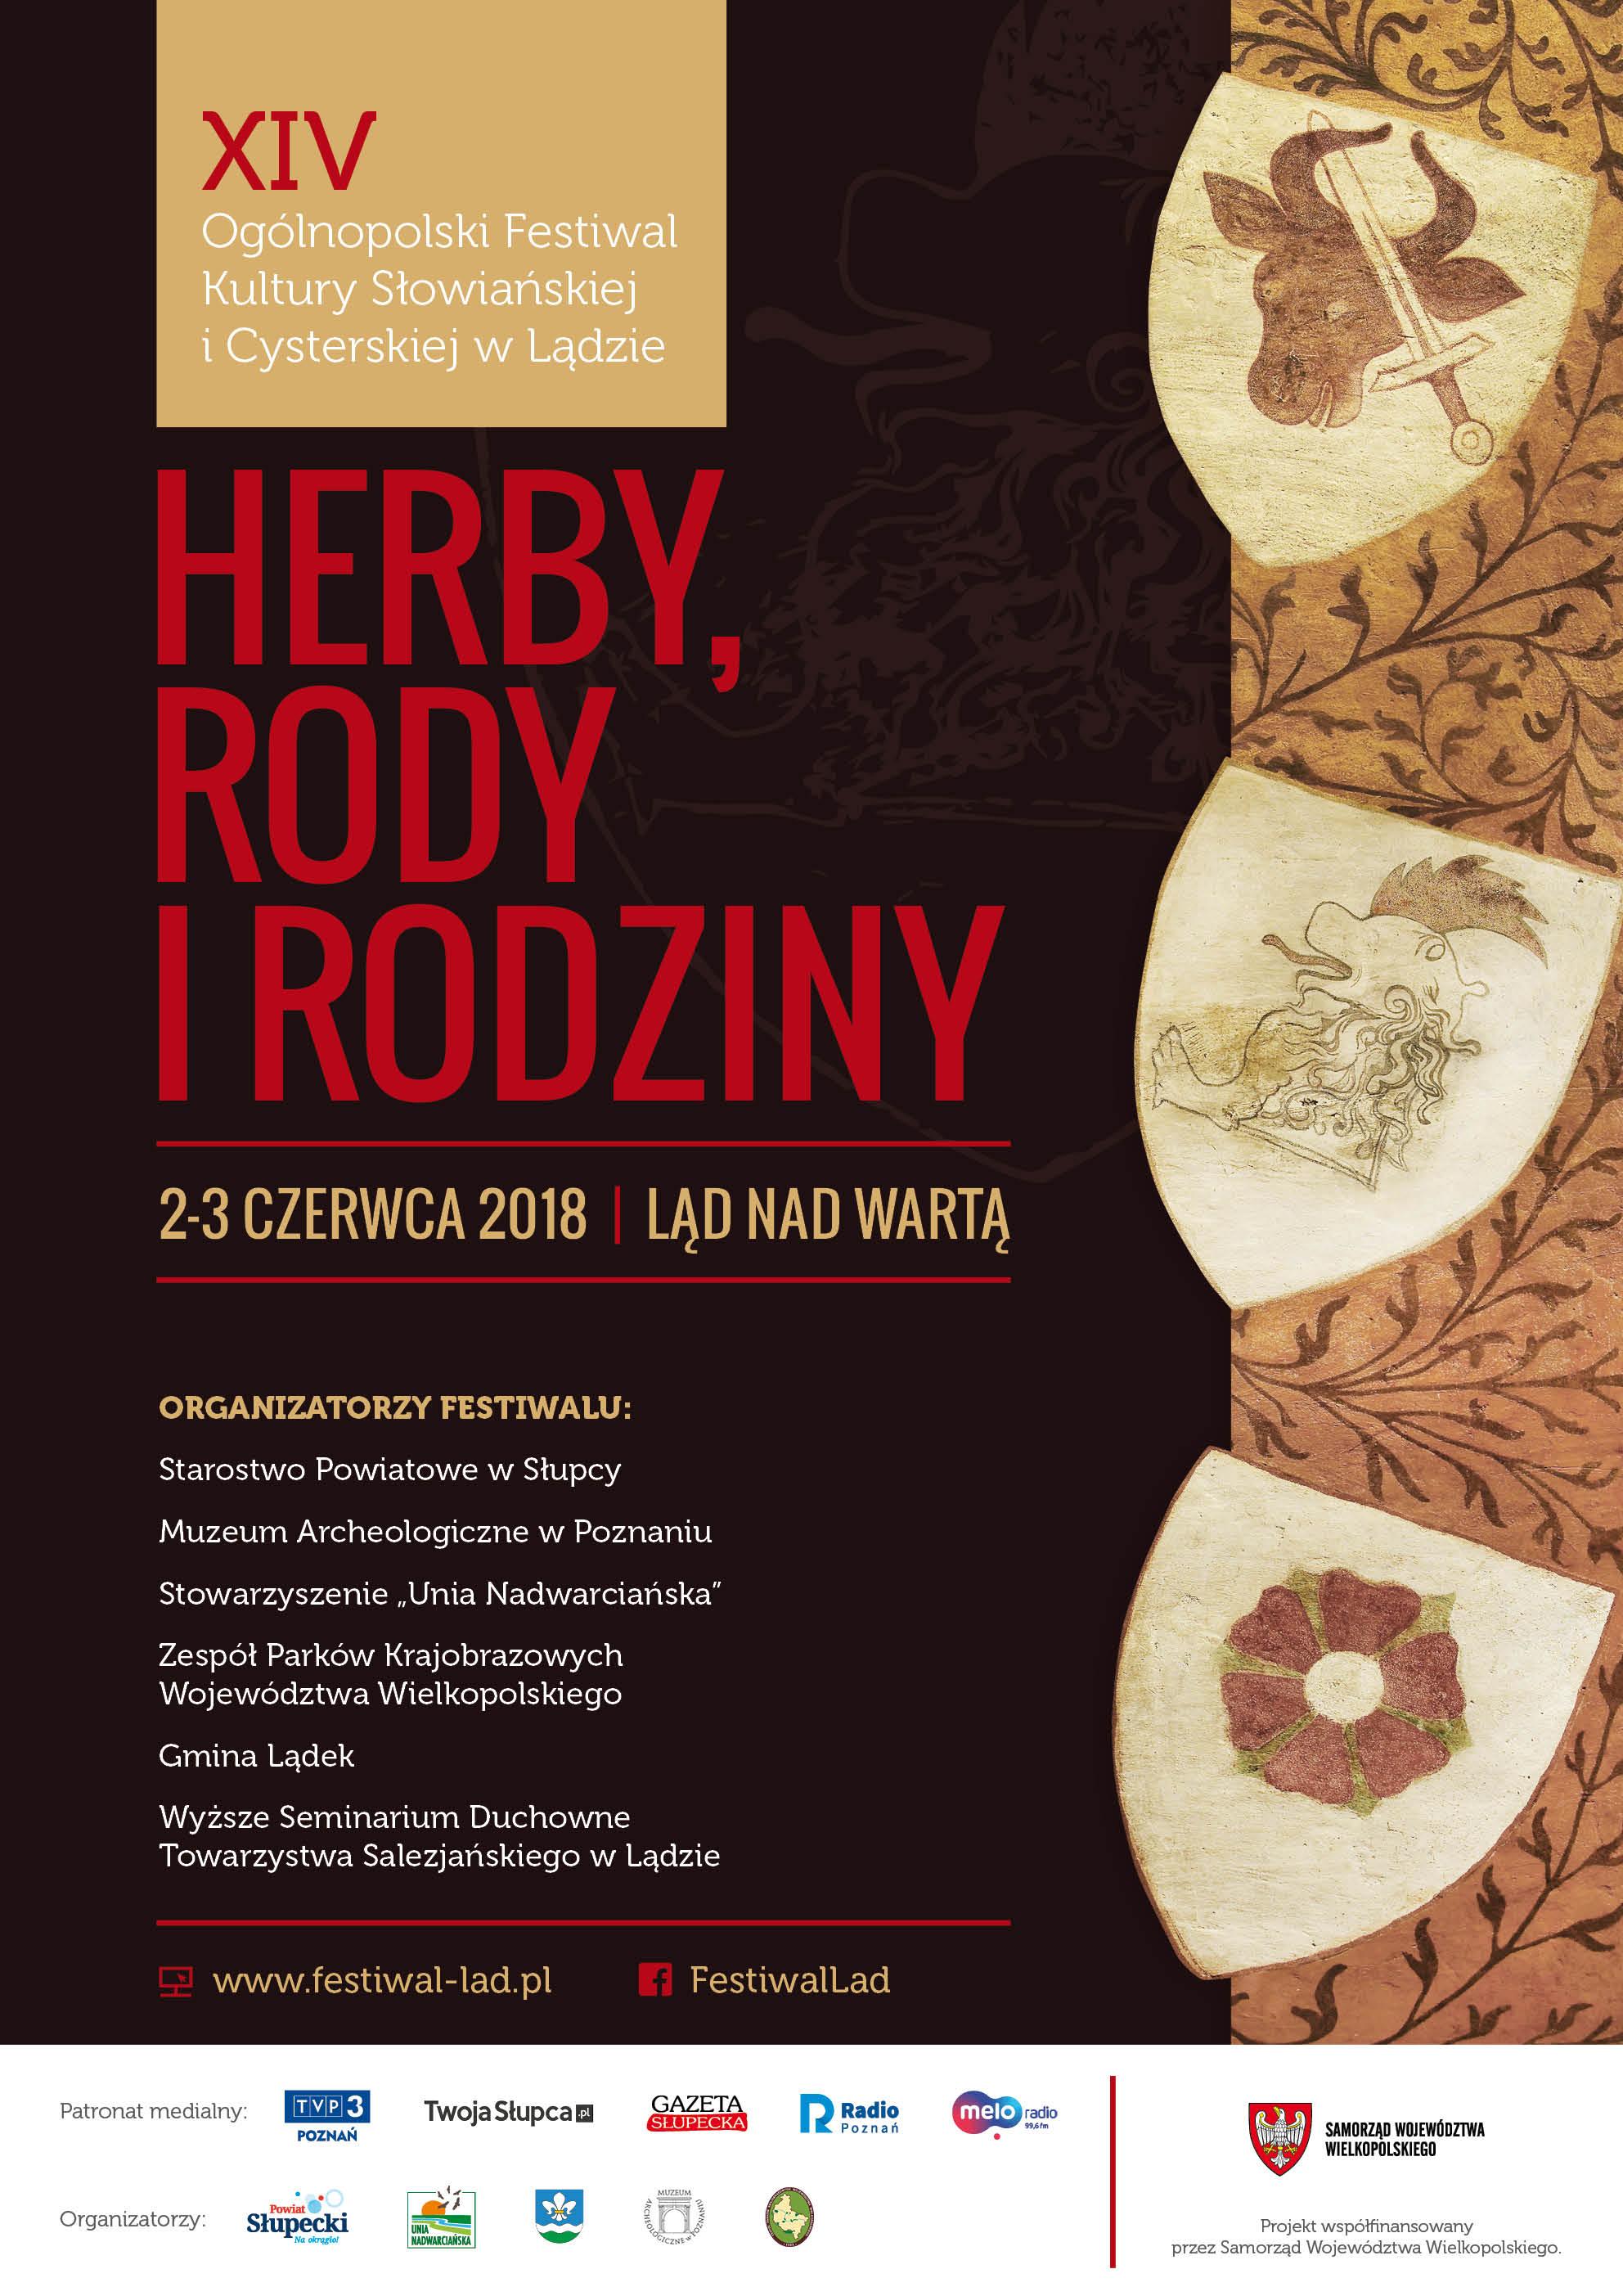 Festiwal Kultury Słowiańskiej i Cysterskiej w Lądzie nad Wartą